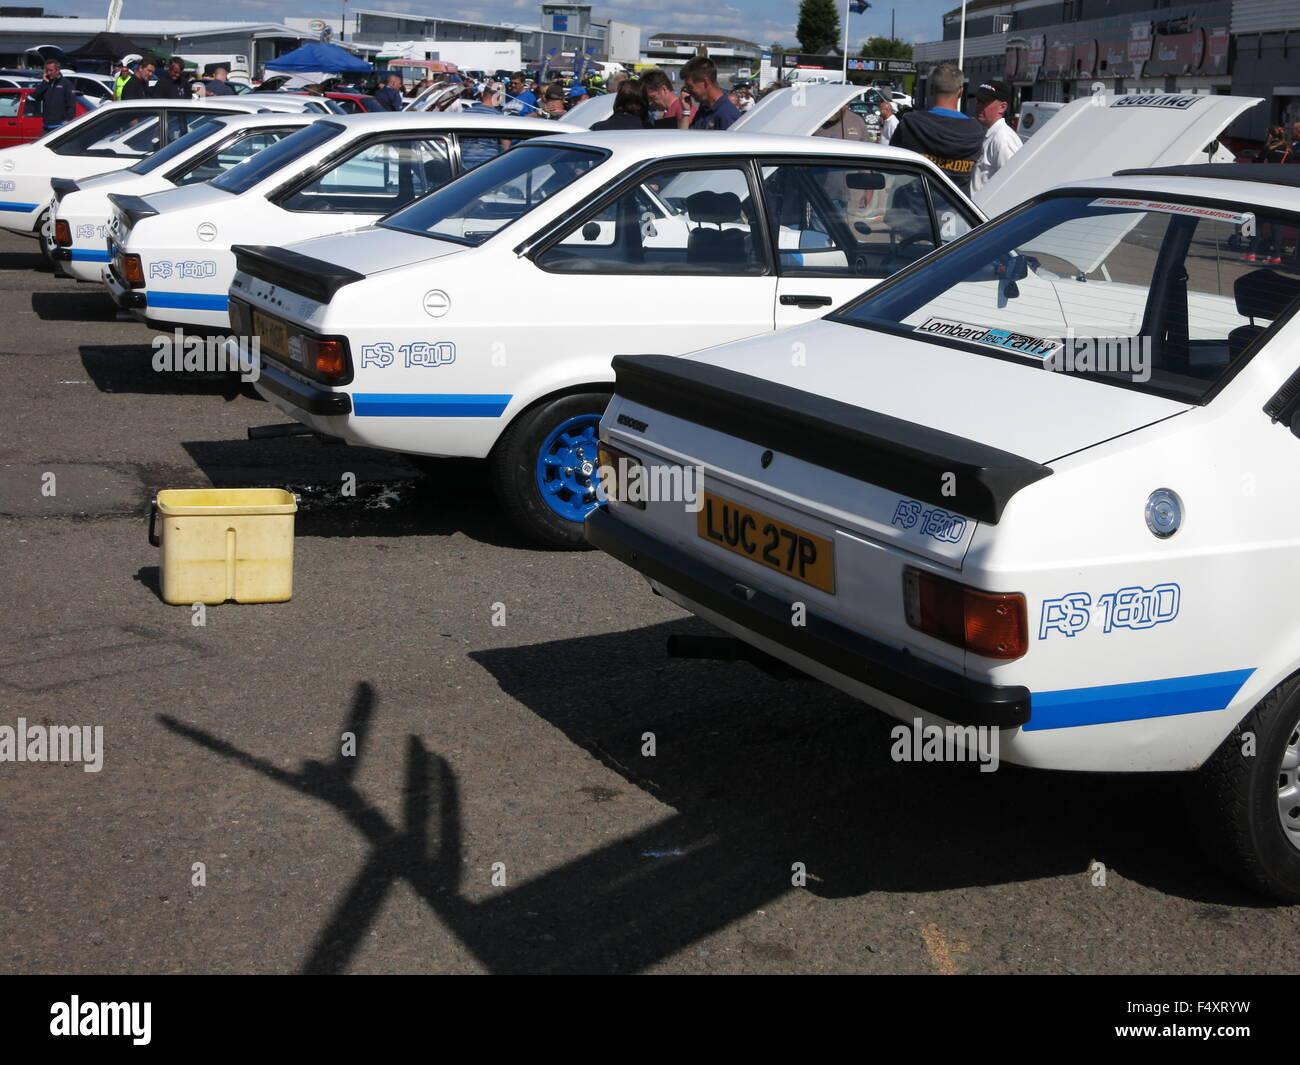 ford escort mk2 rs 1800 strasse auto in weiss wie beim donnington rennstrecke gezeigt